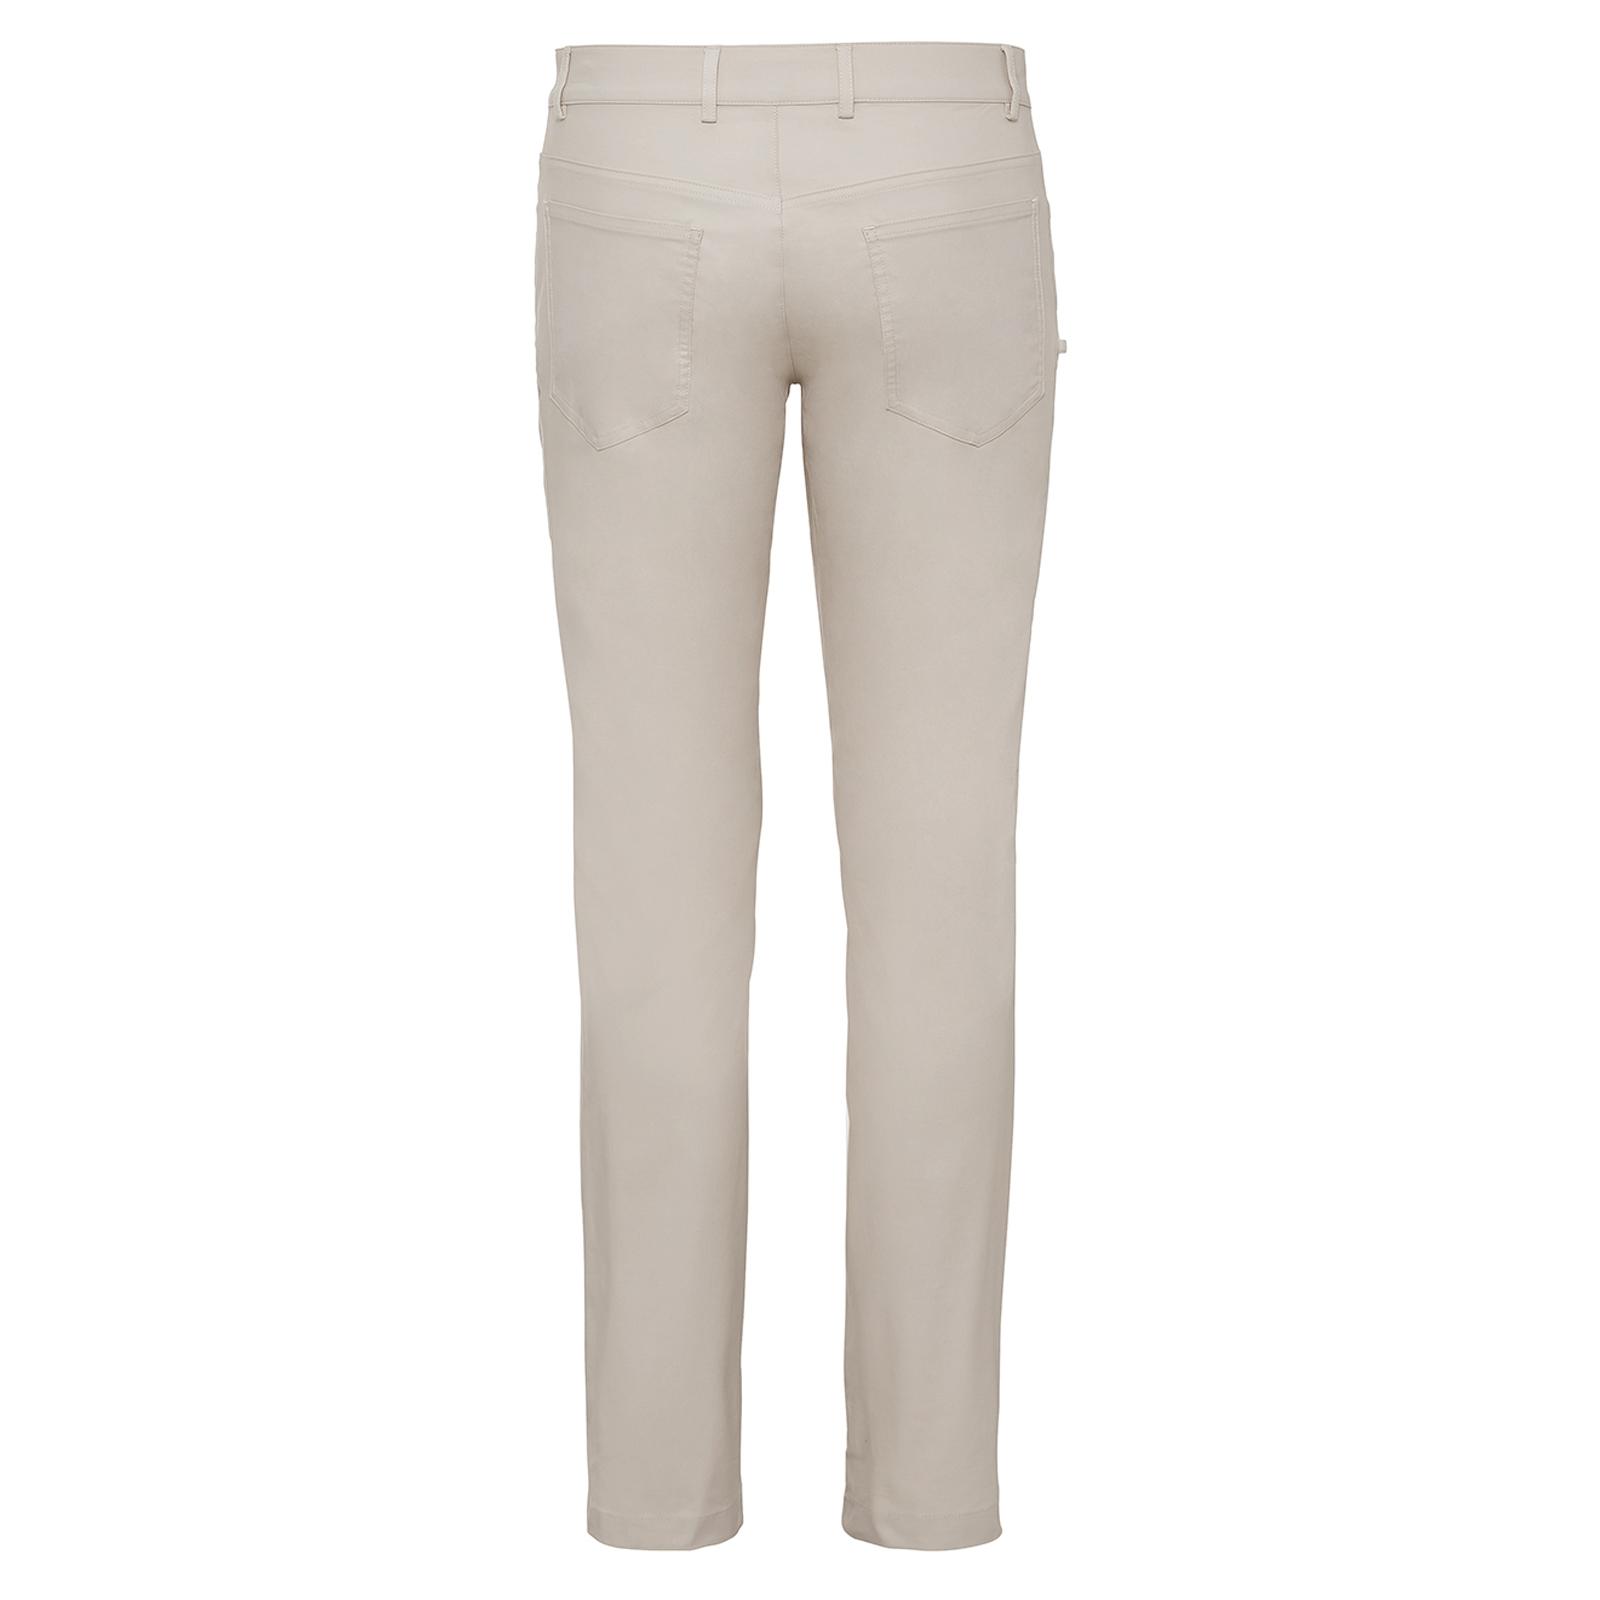 Herren Golfhose mit Sonnenschutz und Extra Stretch Komfort im 5-Pocket-Stil